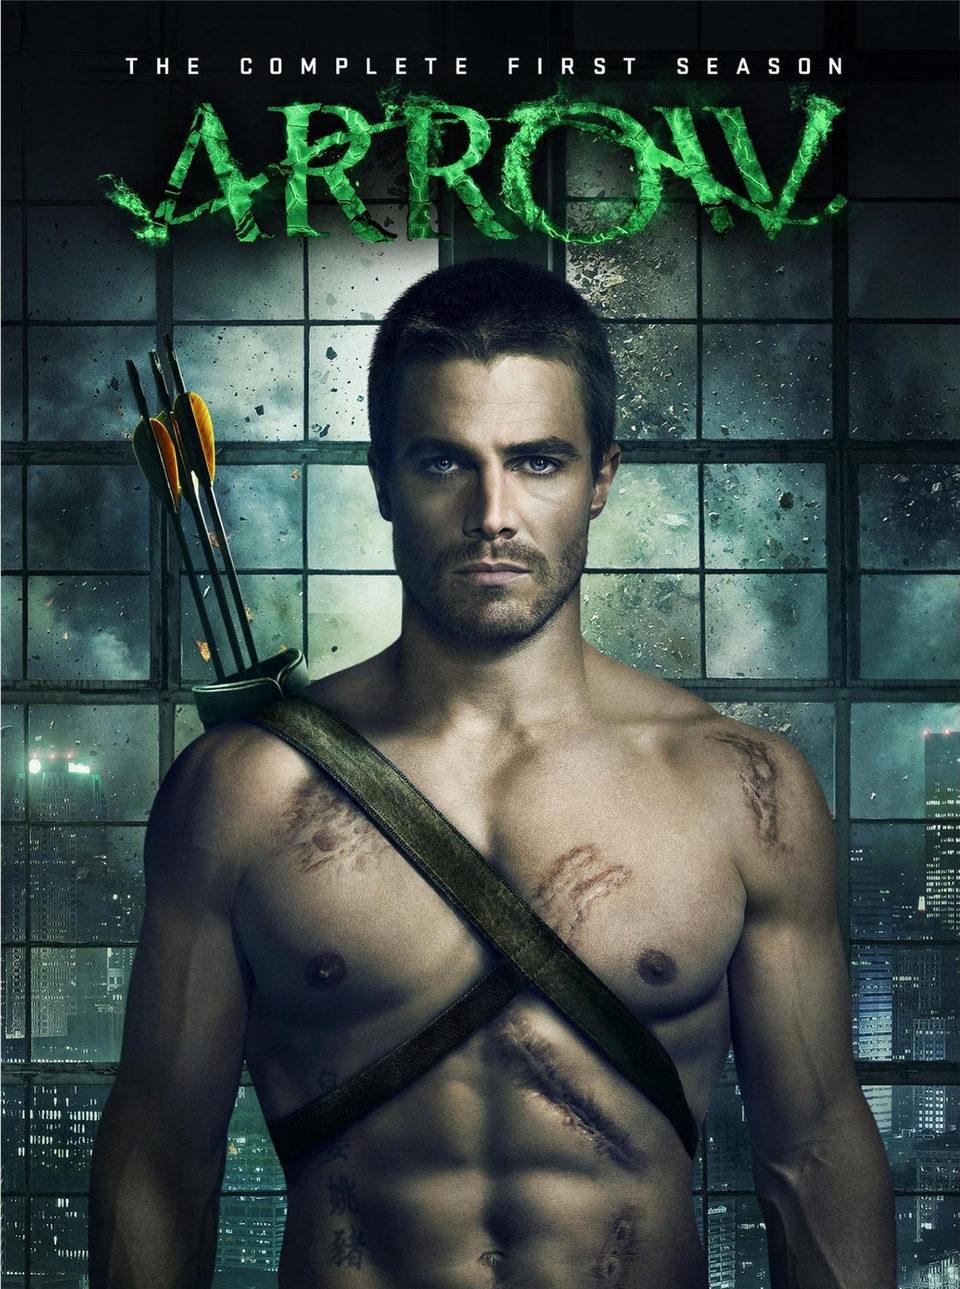 Cartel Temporada 1 de 'Arrow'